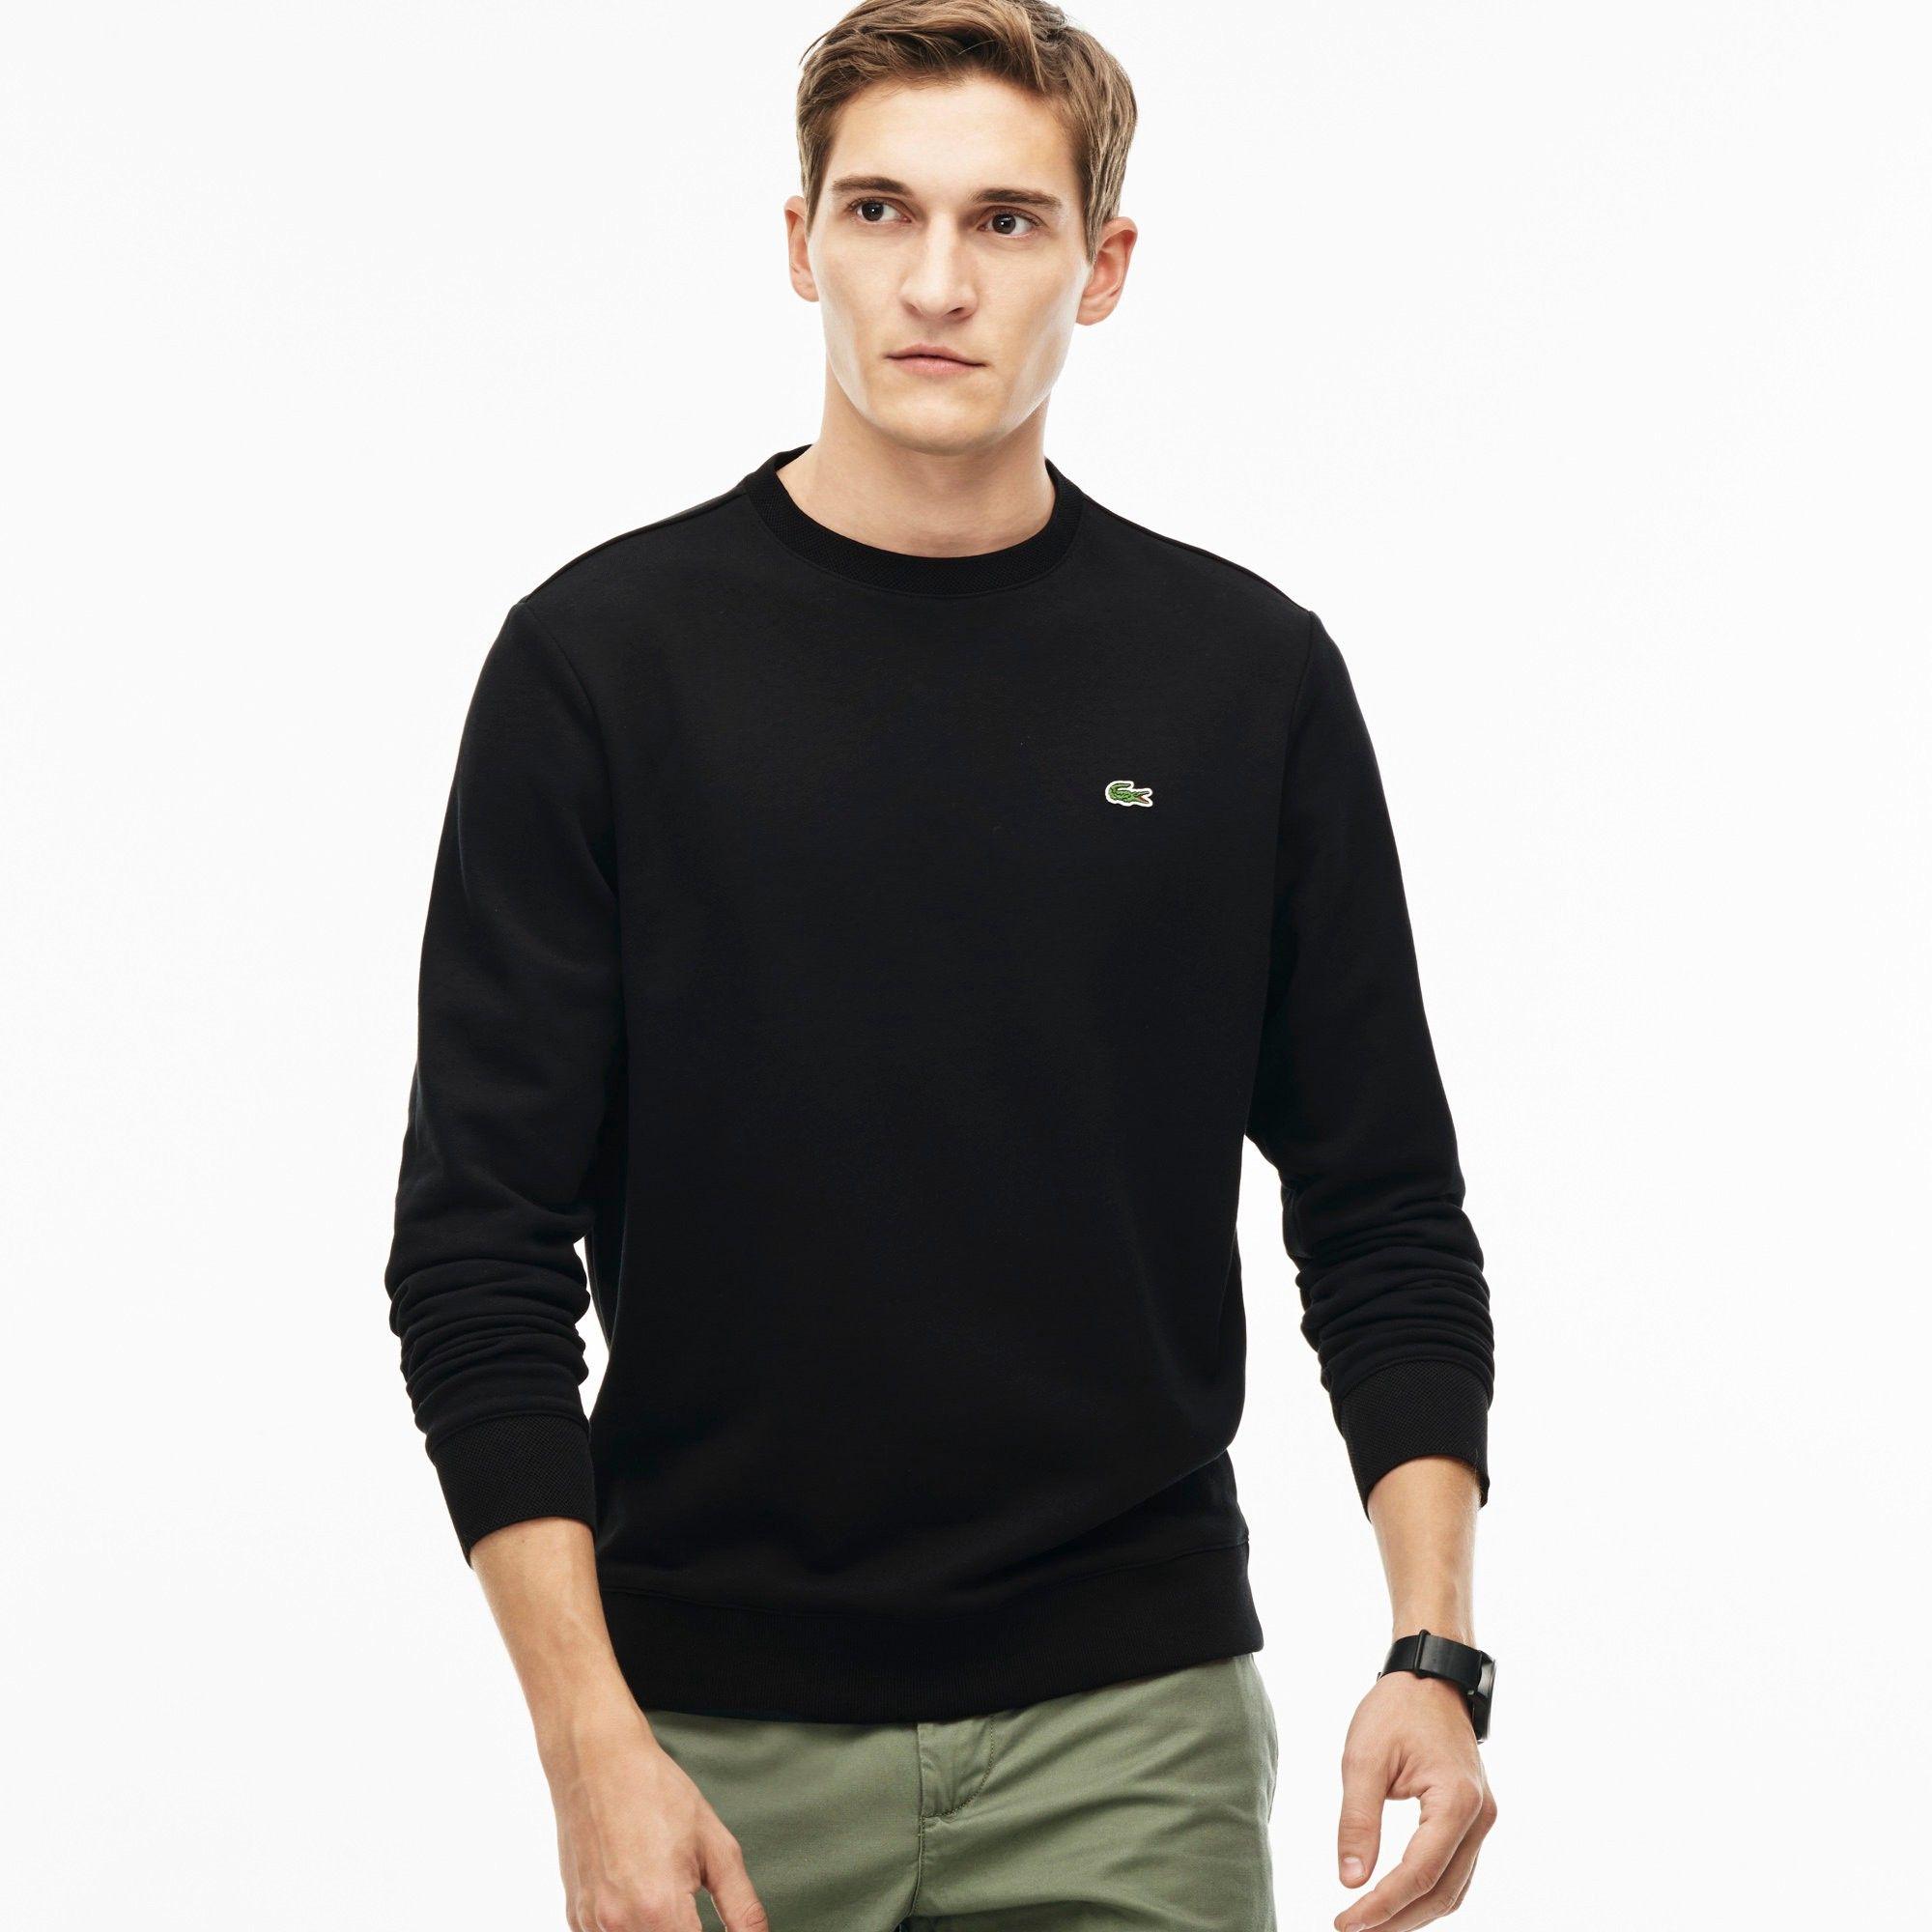 b6f6539b4 LACOSTE Men S Fleece Sweatshirt - Black.  lacoste  cloth  all ...